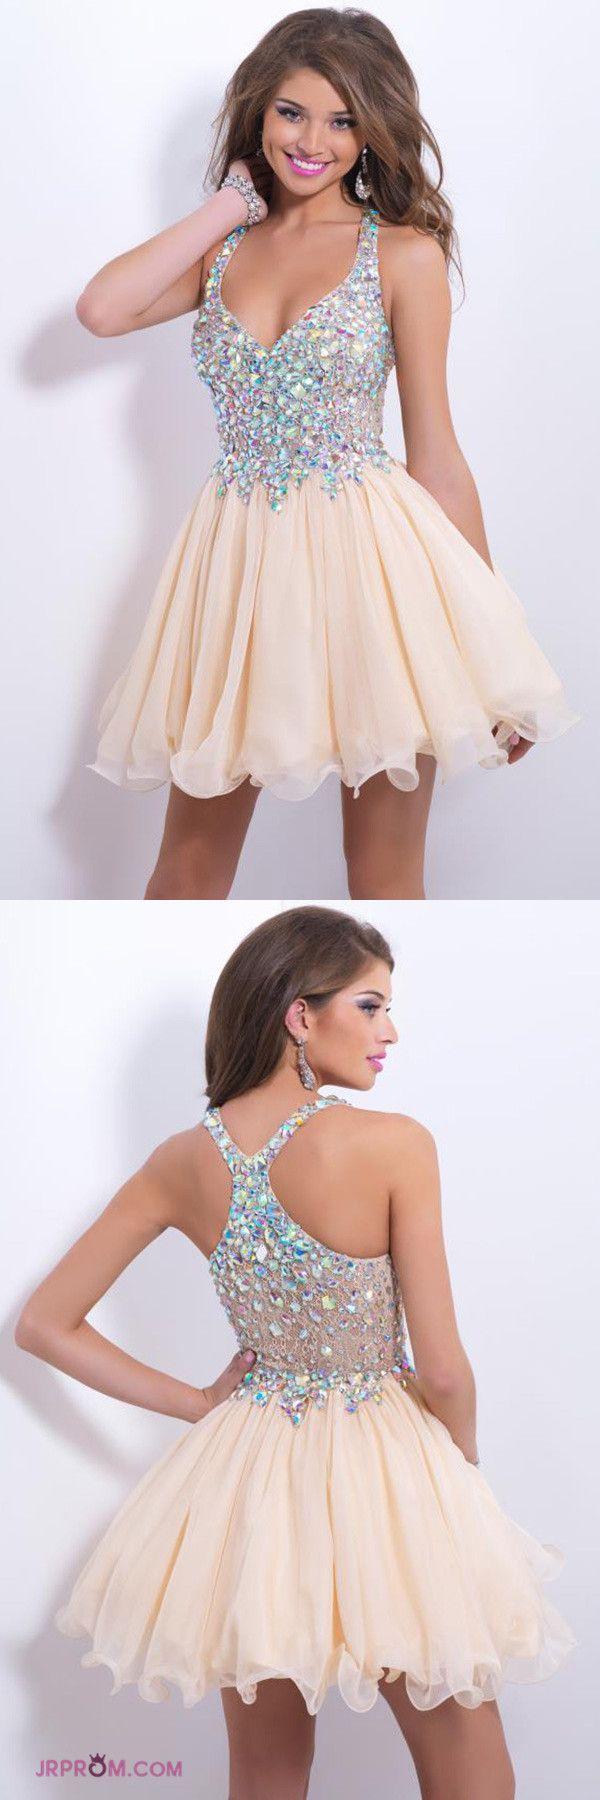 best style tips images on pinterest long prom dresses ballroom